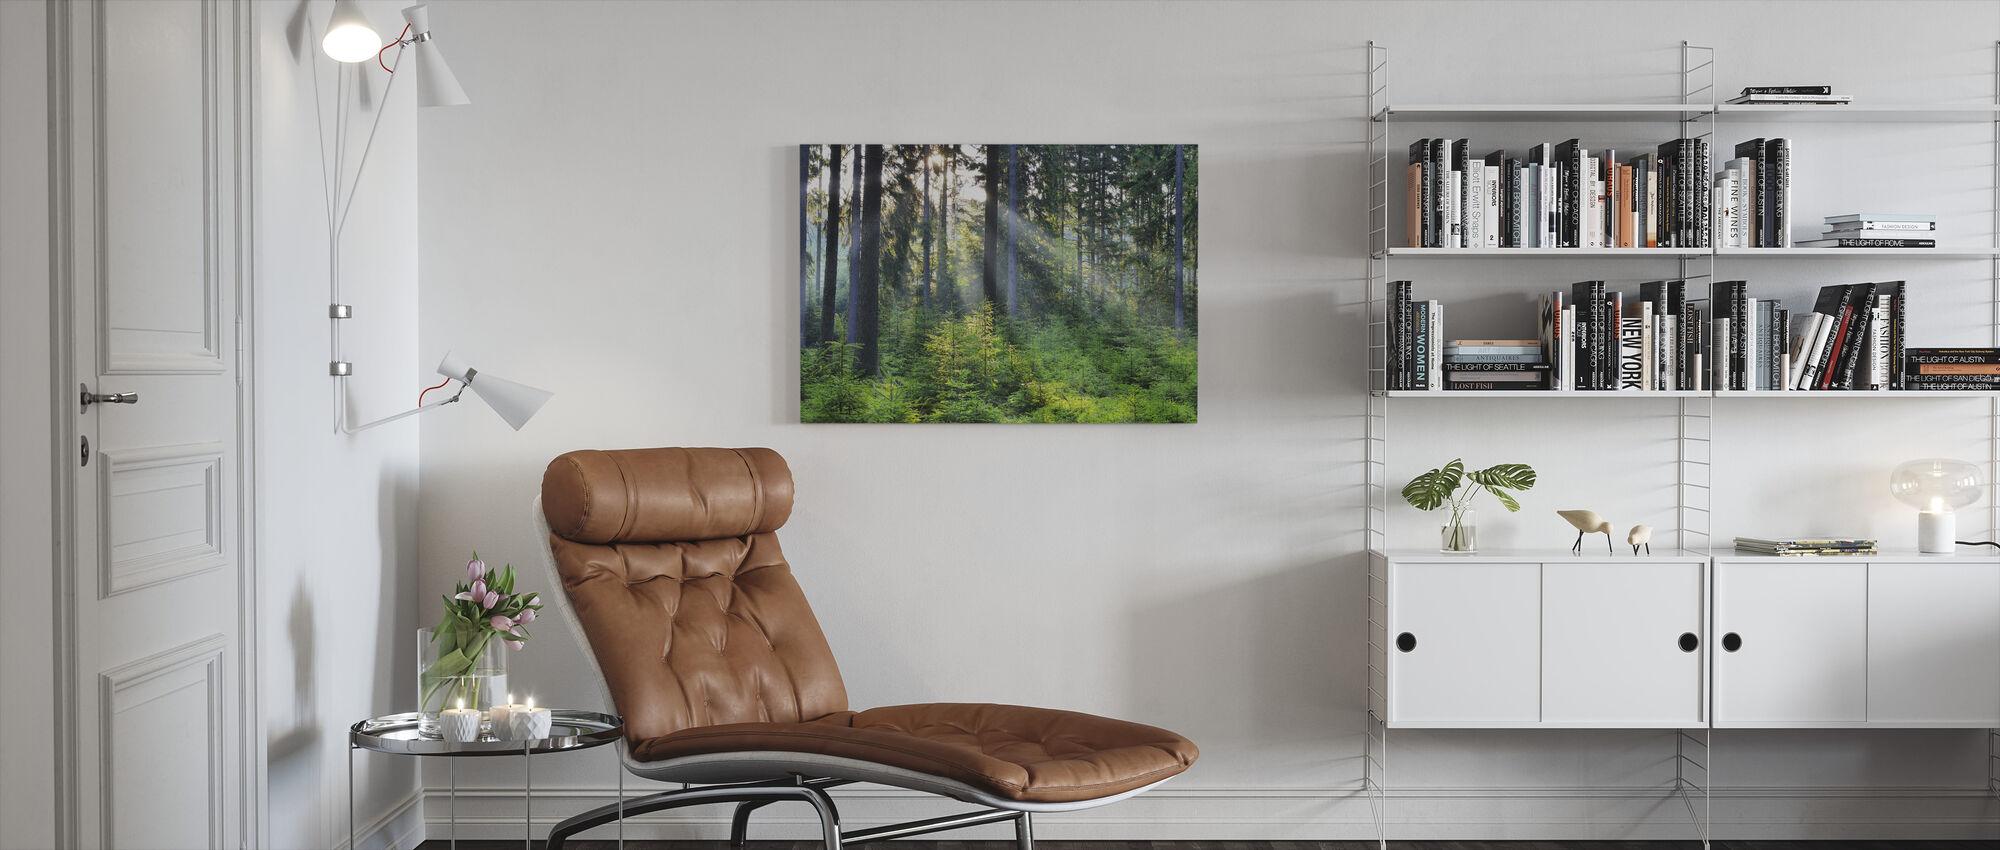 Metsä herääminen - Canvastaulu - Olohuone